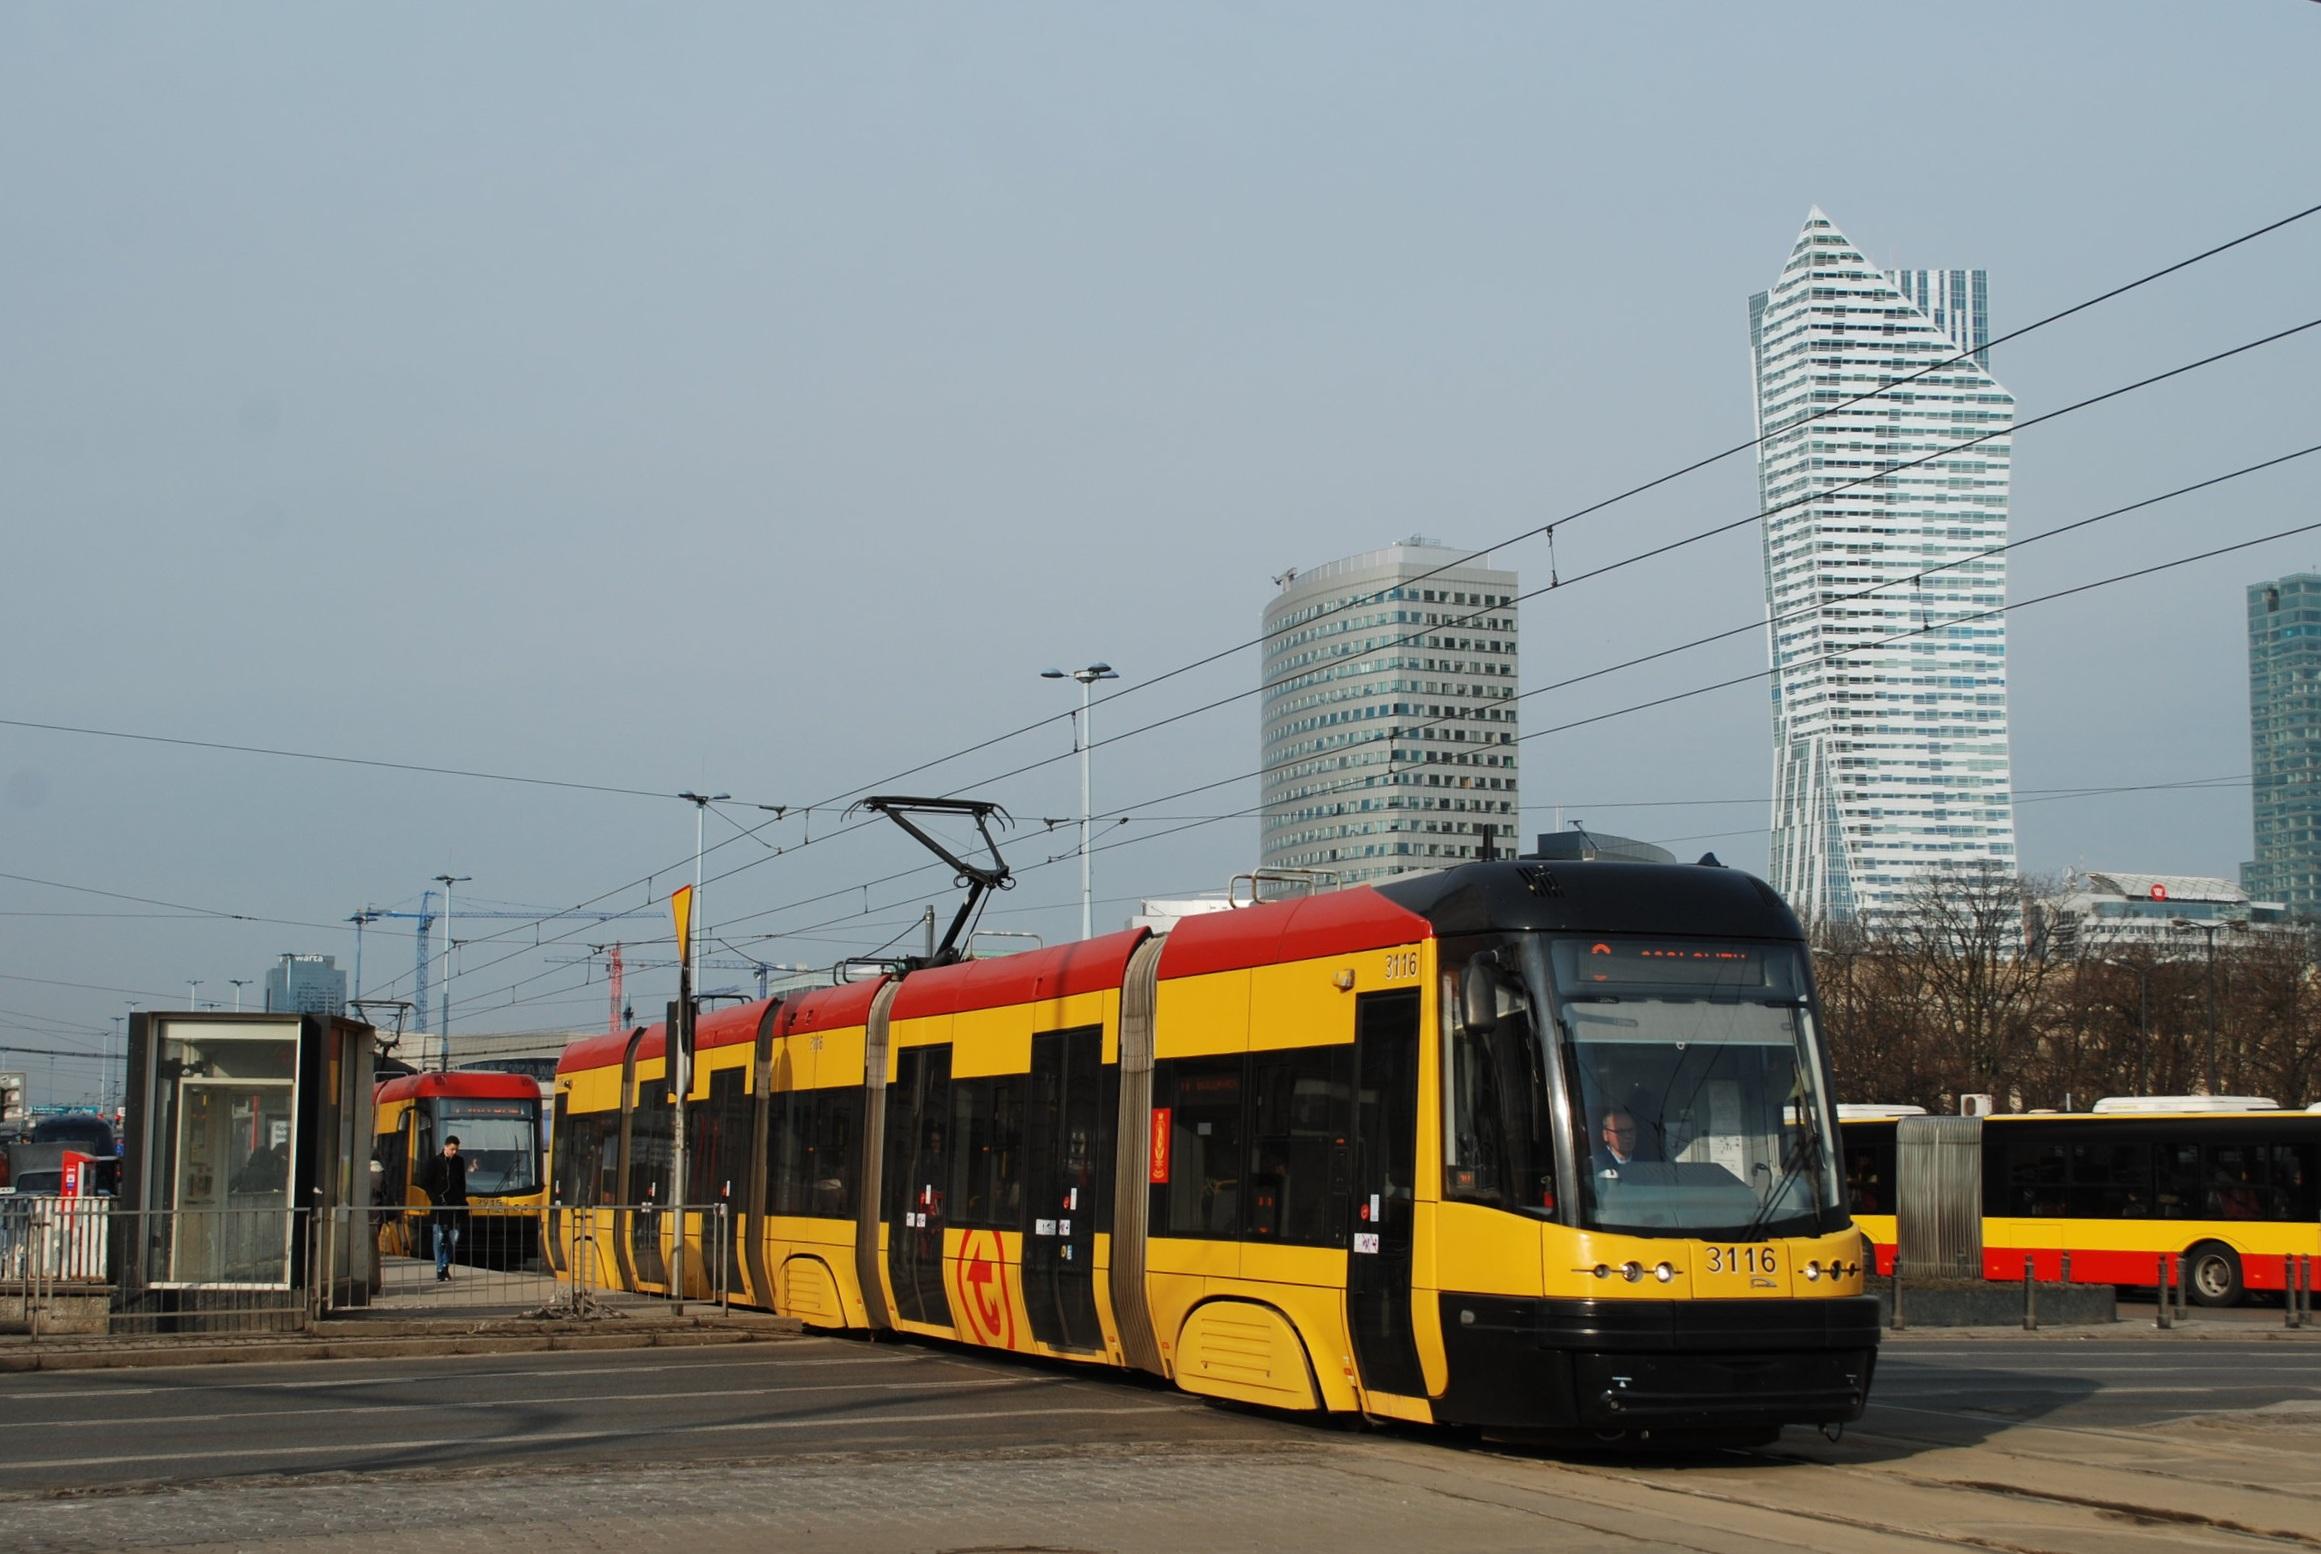 PESA začala dodávat tramvaje do Varšavy v roce 2007. Nejprve bylo dodáno 15 vozů Tramicus. Po nich následovalo 186 tramvají PESA Swing (jeden z vozů na snímku) v letech 2010-13 a konečně 80 vozů PESA Jazz v letech 2014-15. (foto: Libor Hinčica)